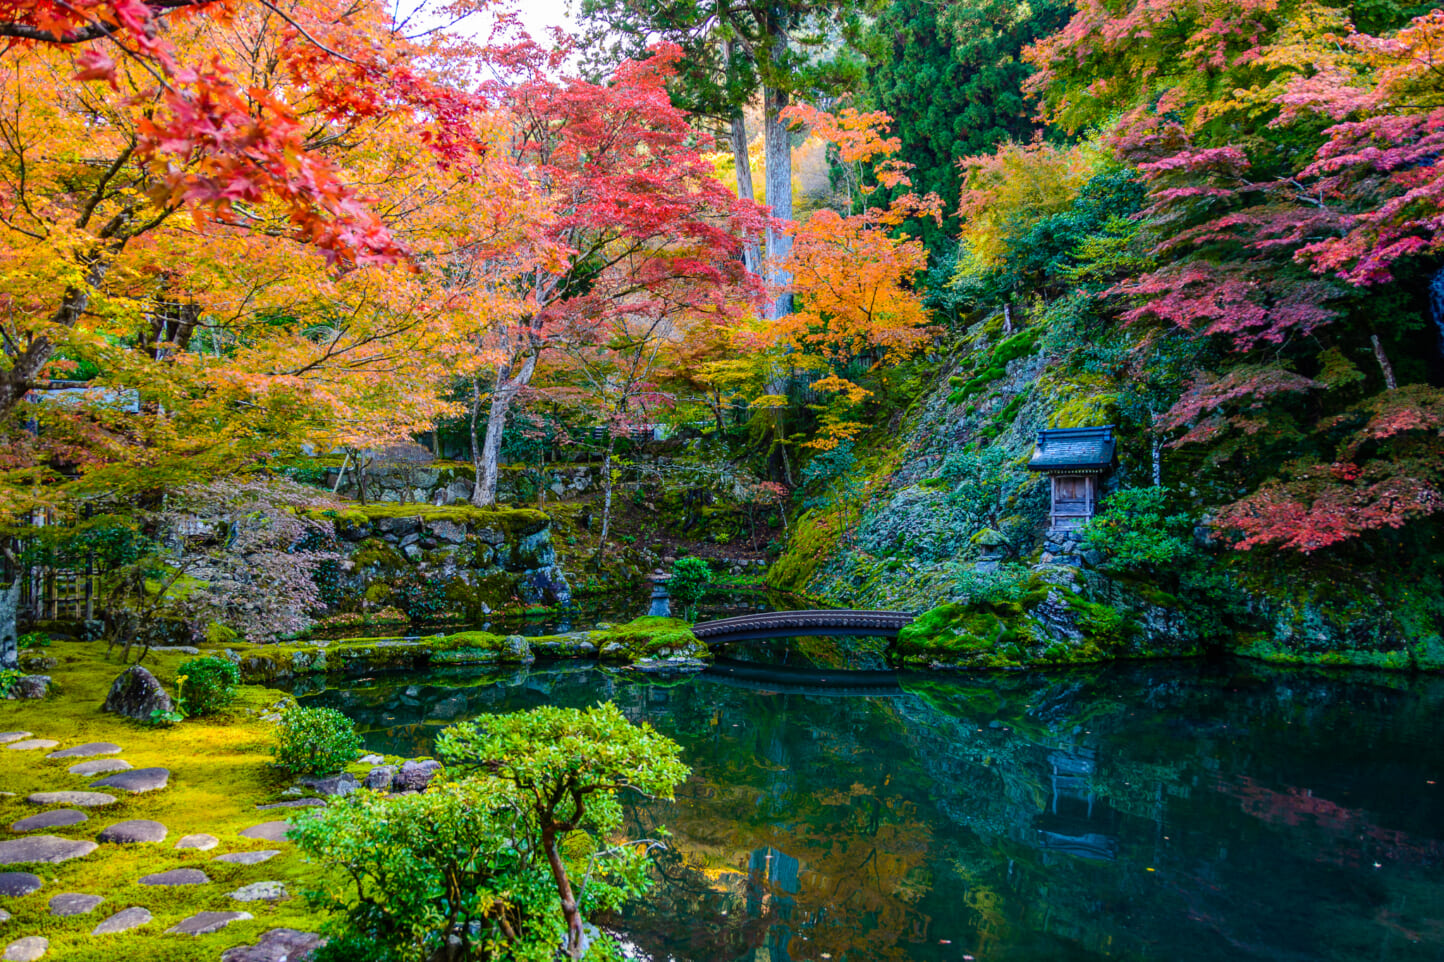 慈恩禅寺 荎草園の紅葉 スライダー画像3